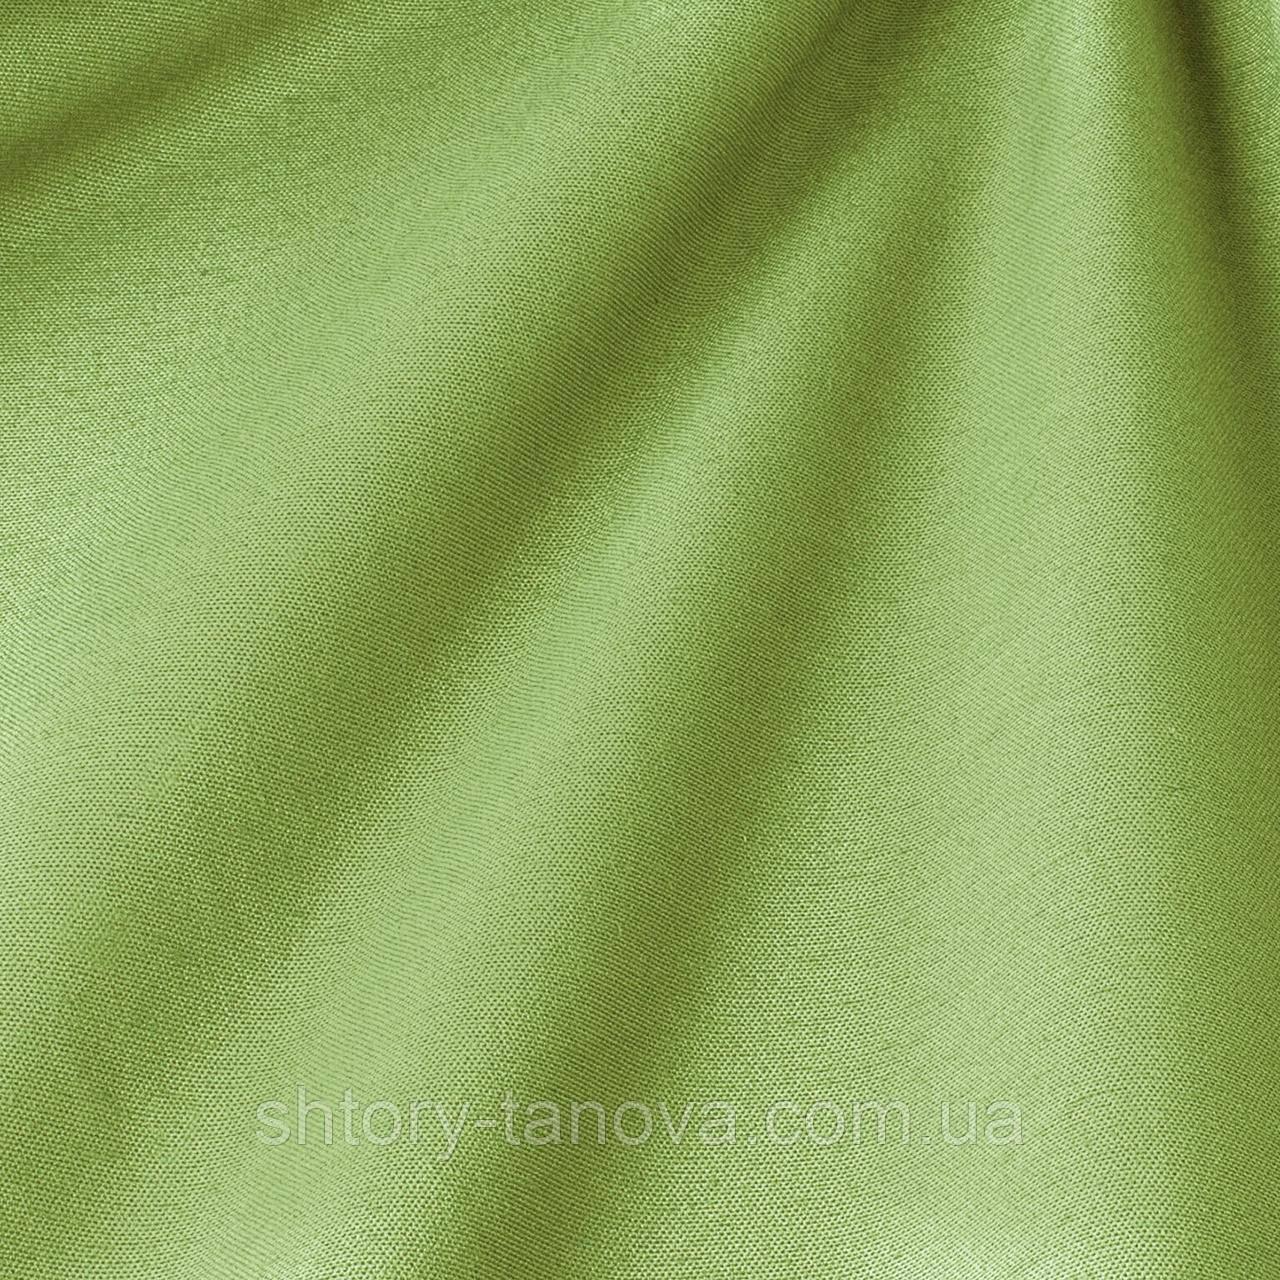 Декоративная ткань однотонная, бледно-зелёный